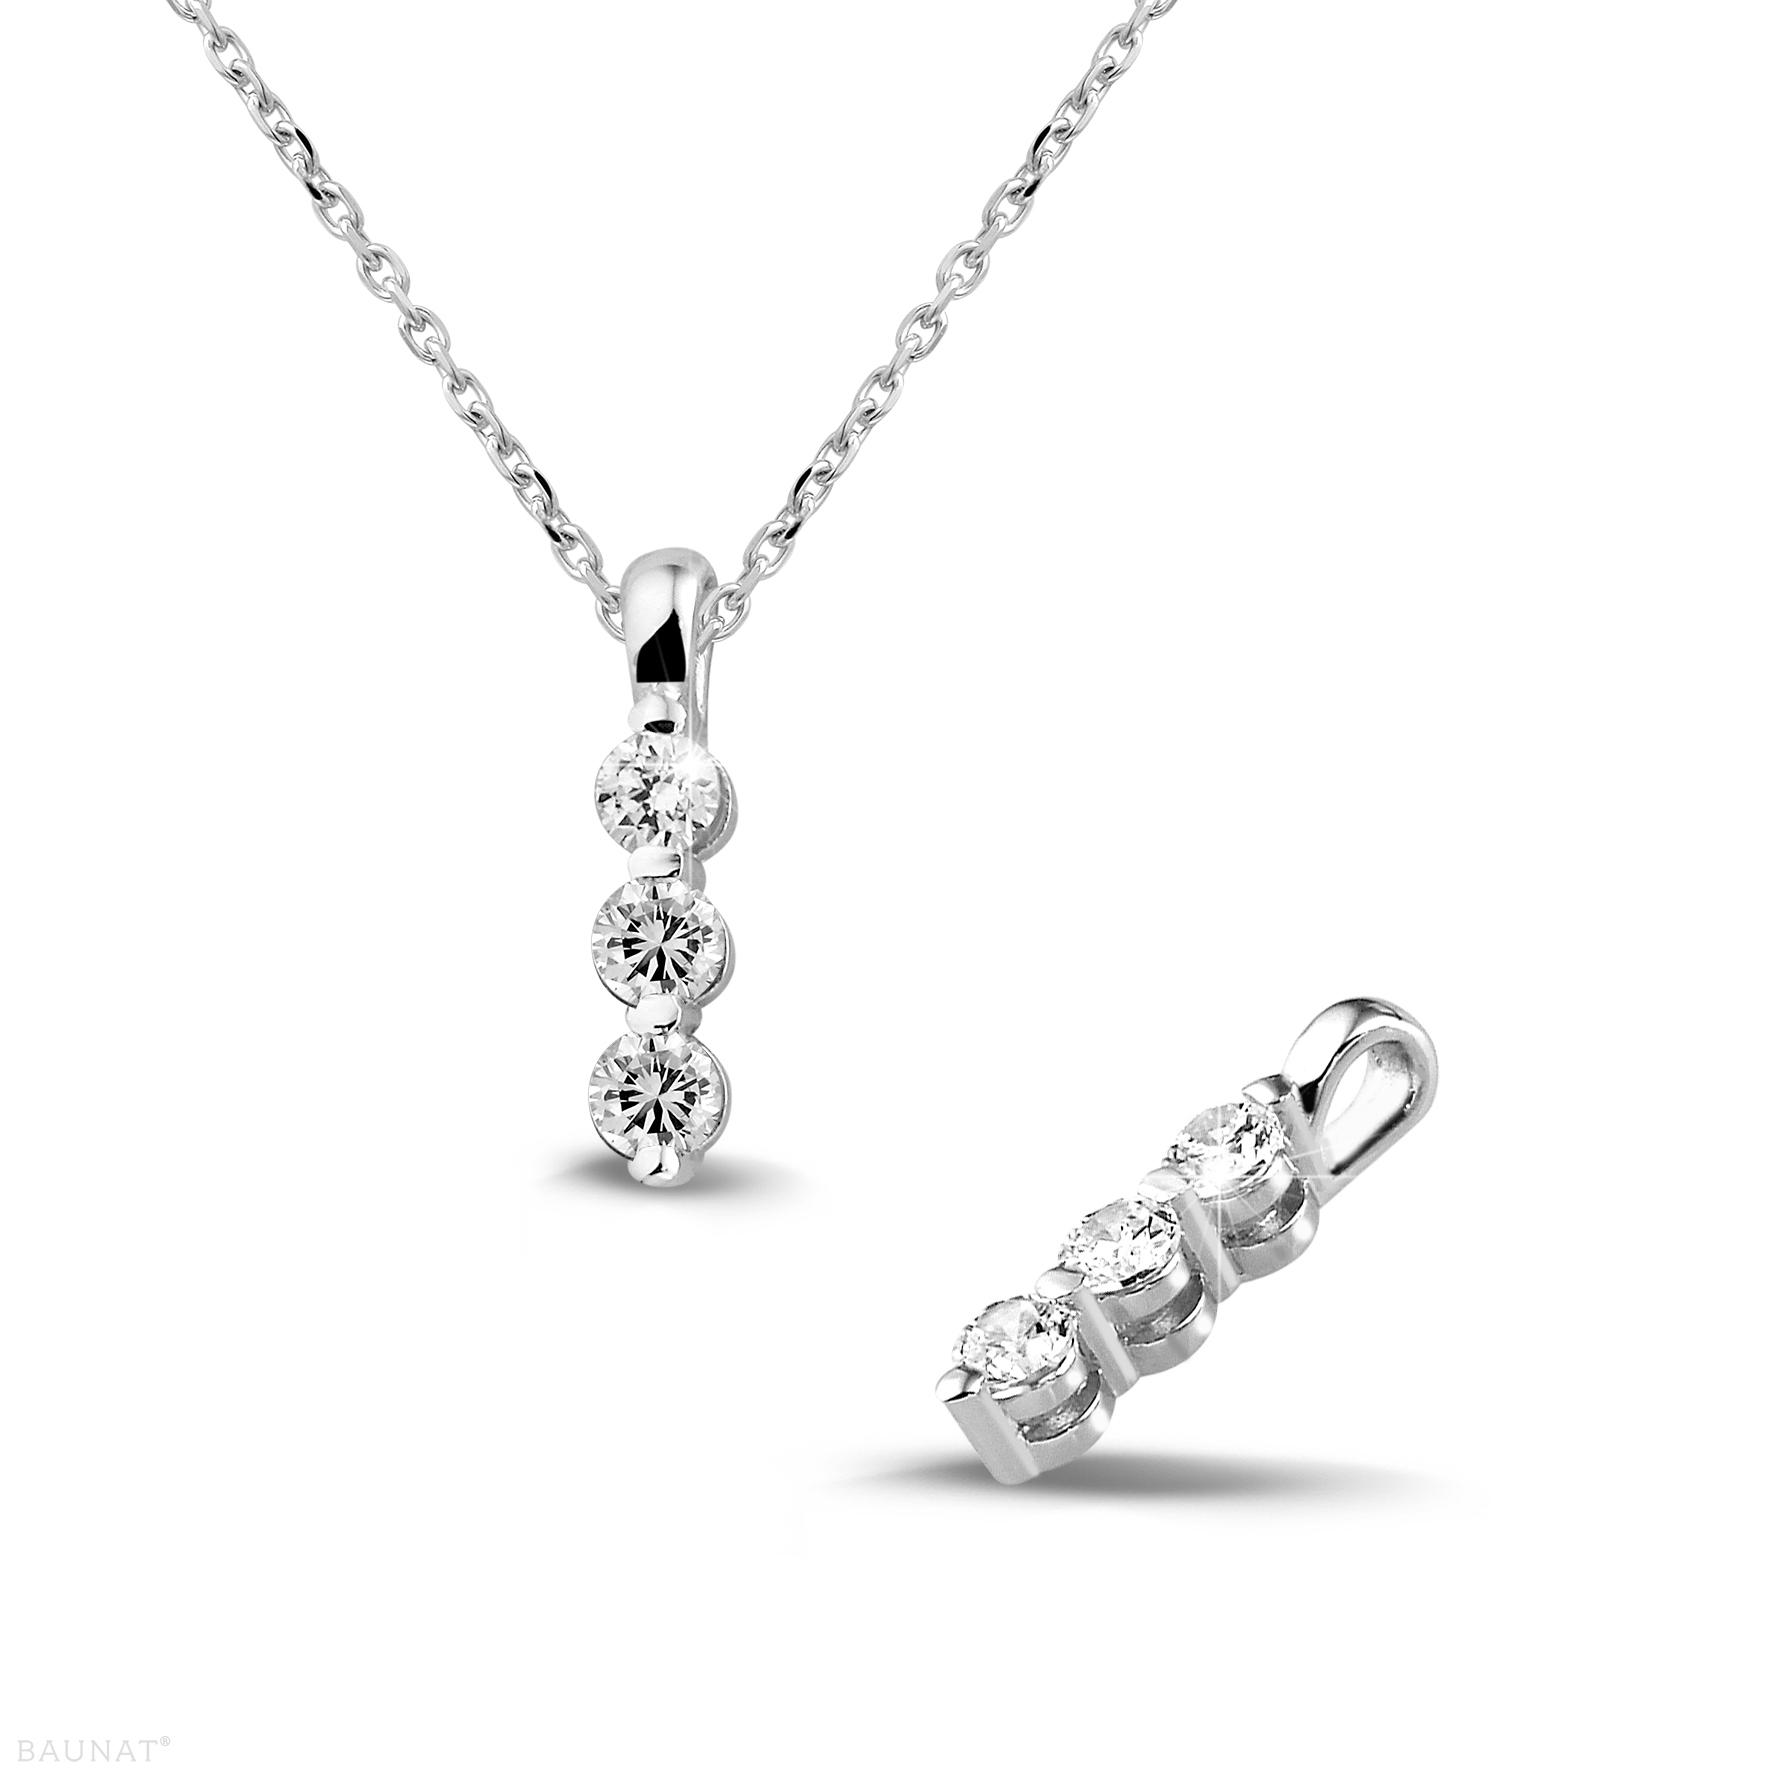 0.30 Carat Trilogy Diamond Pendant In Platinum Pertaining To Current Diamond Necklaces In Platinum (Gallery 9 of 25)